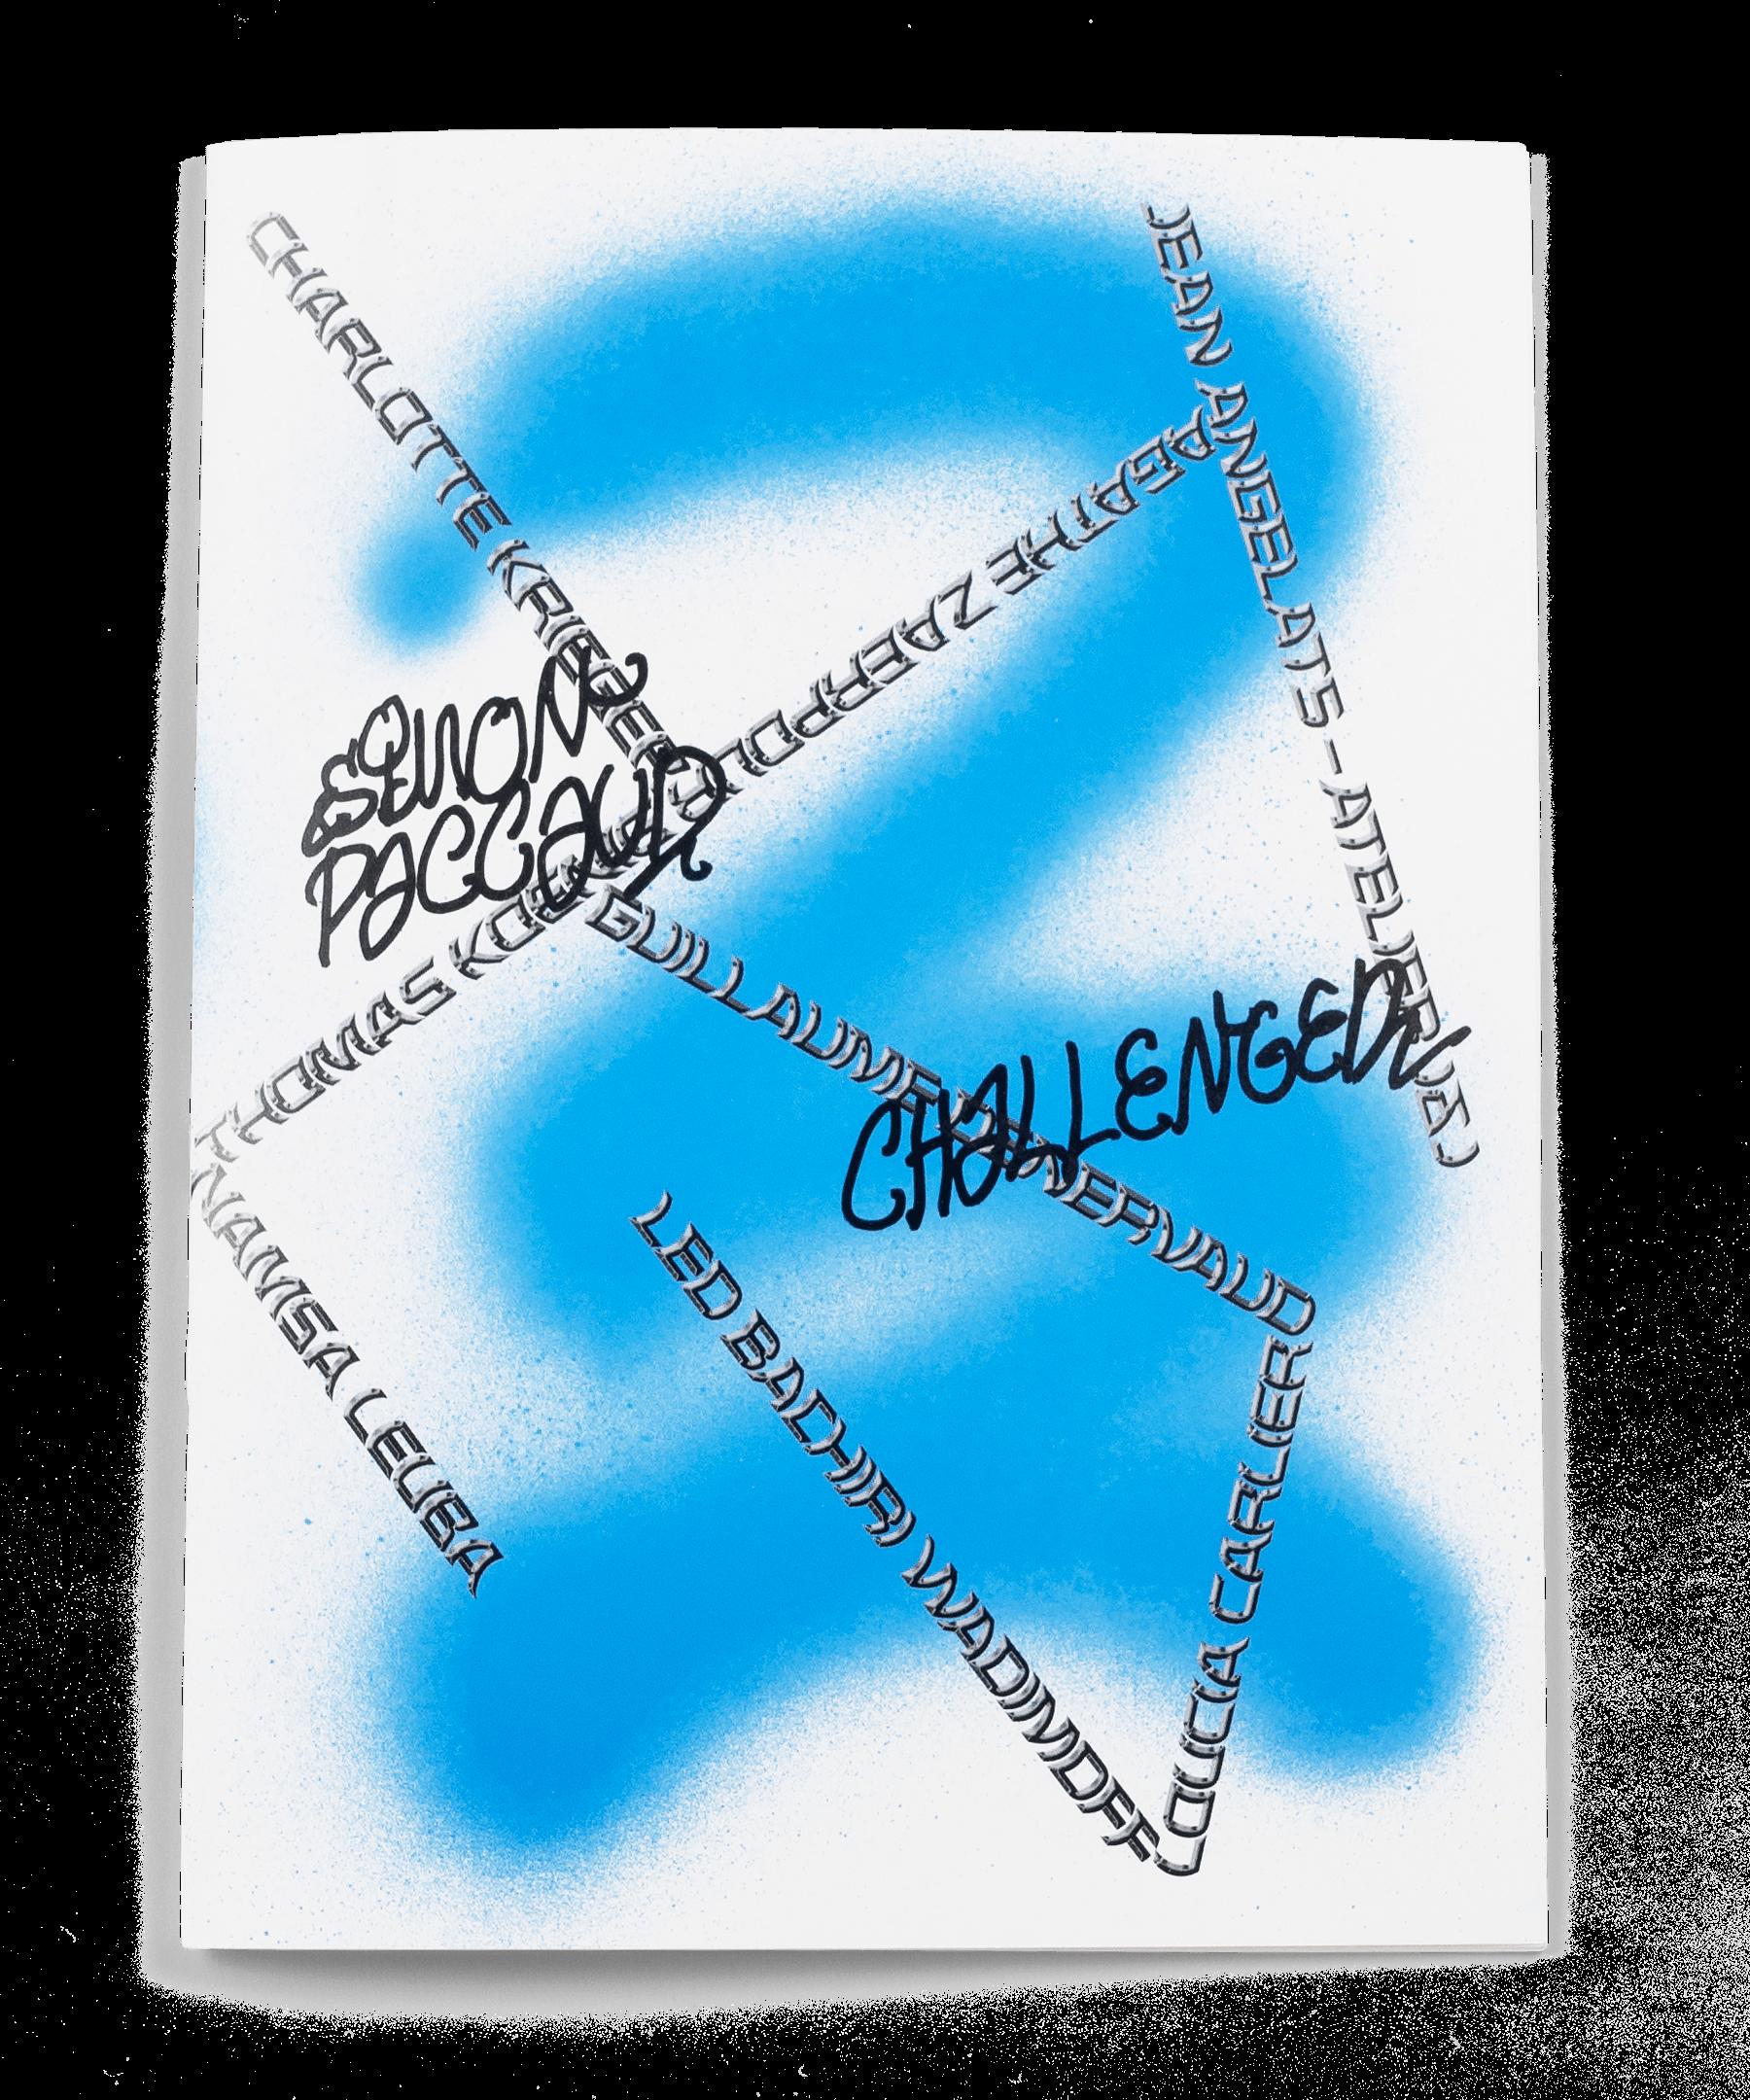 Spray et tags sur la couverture de la brochure de l'exposition de Simon Paccaud à la Ferme de la Chapelle